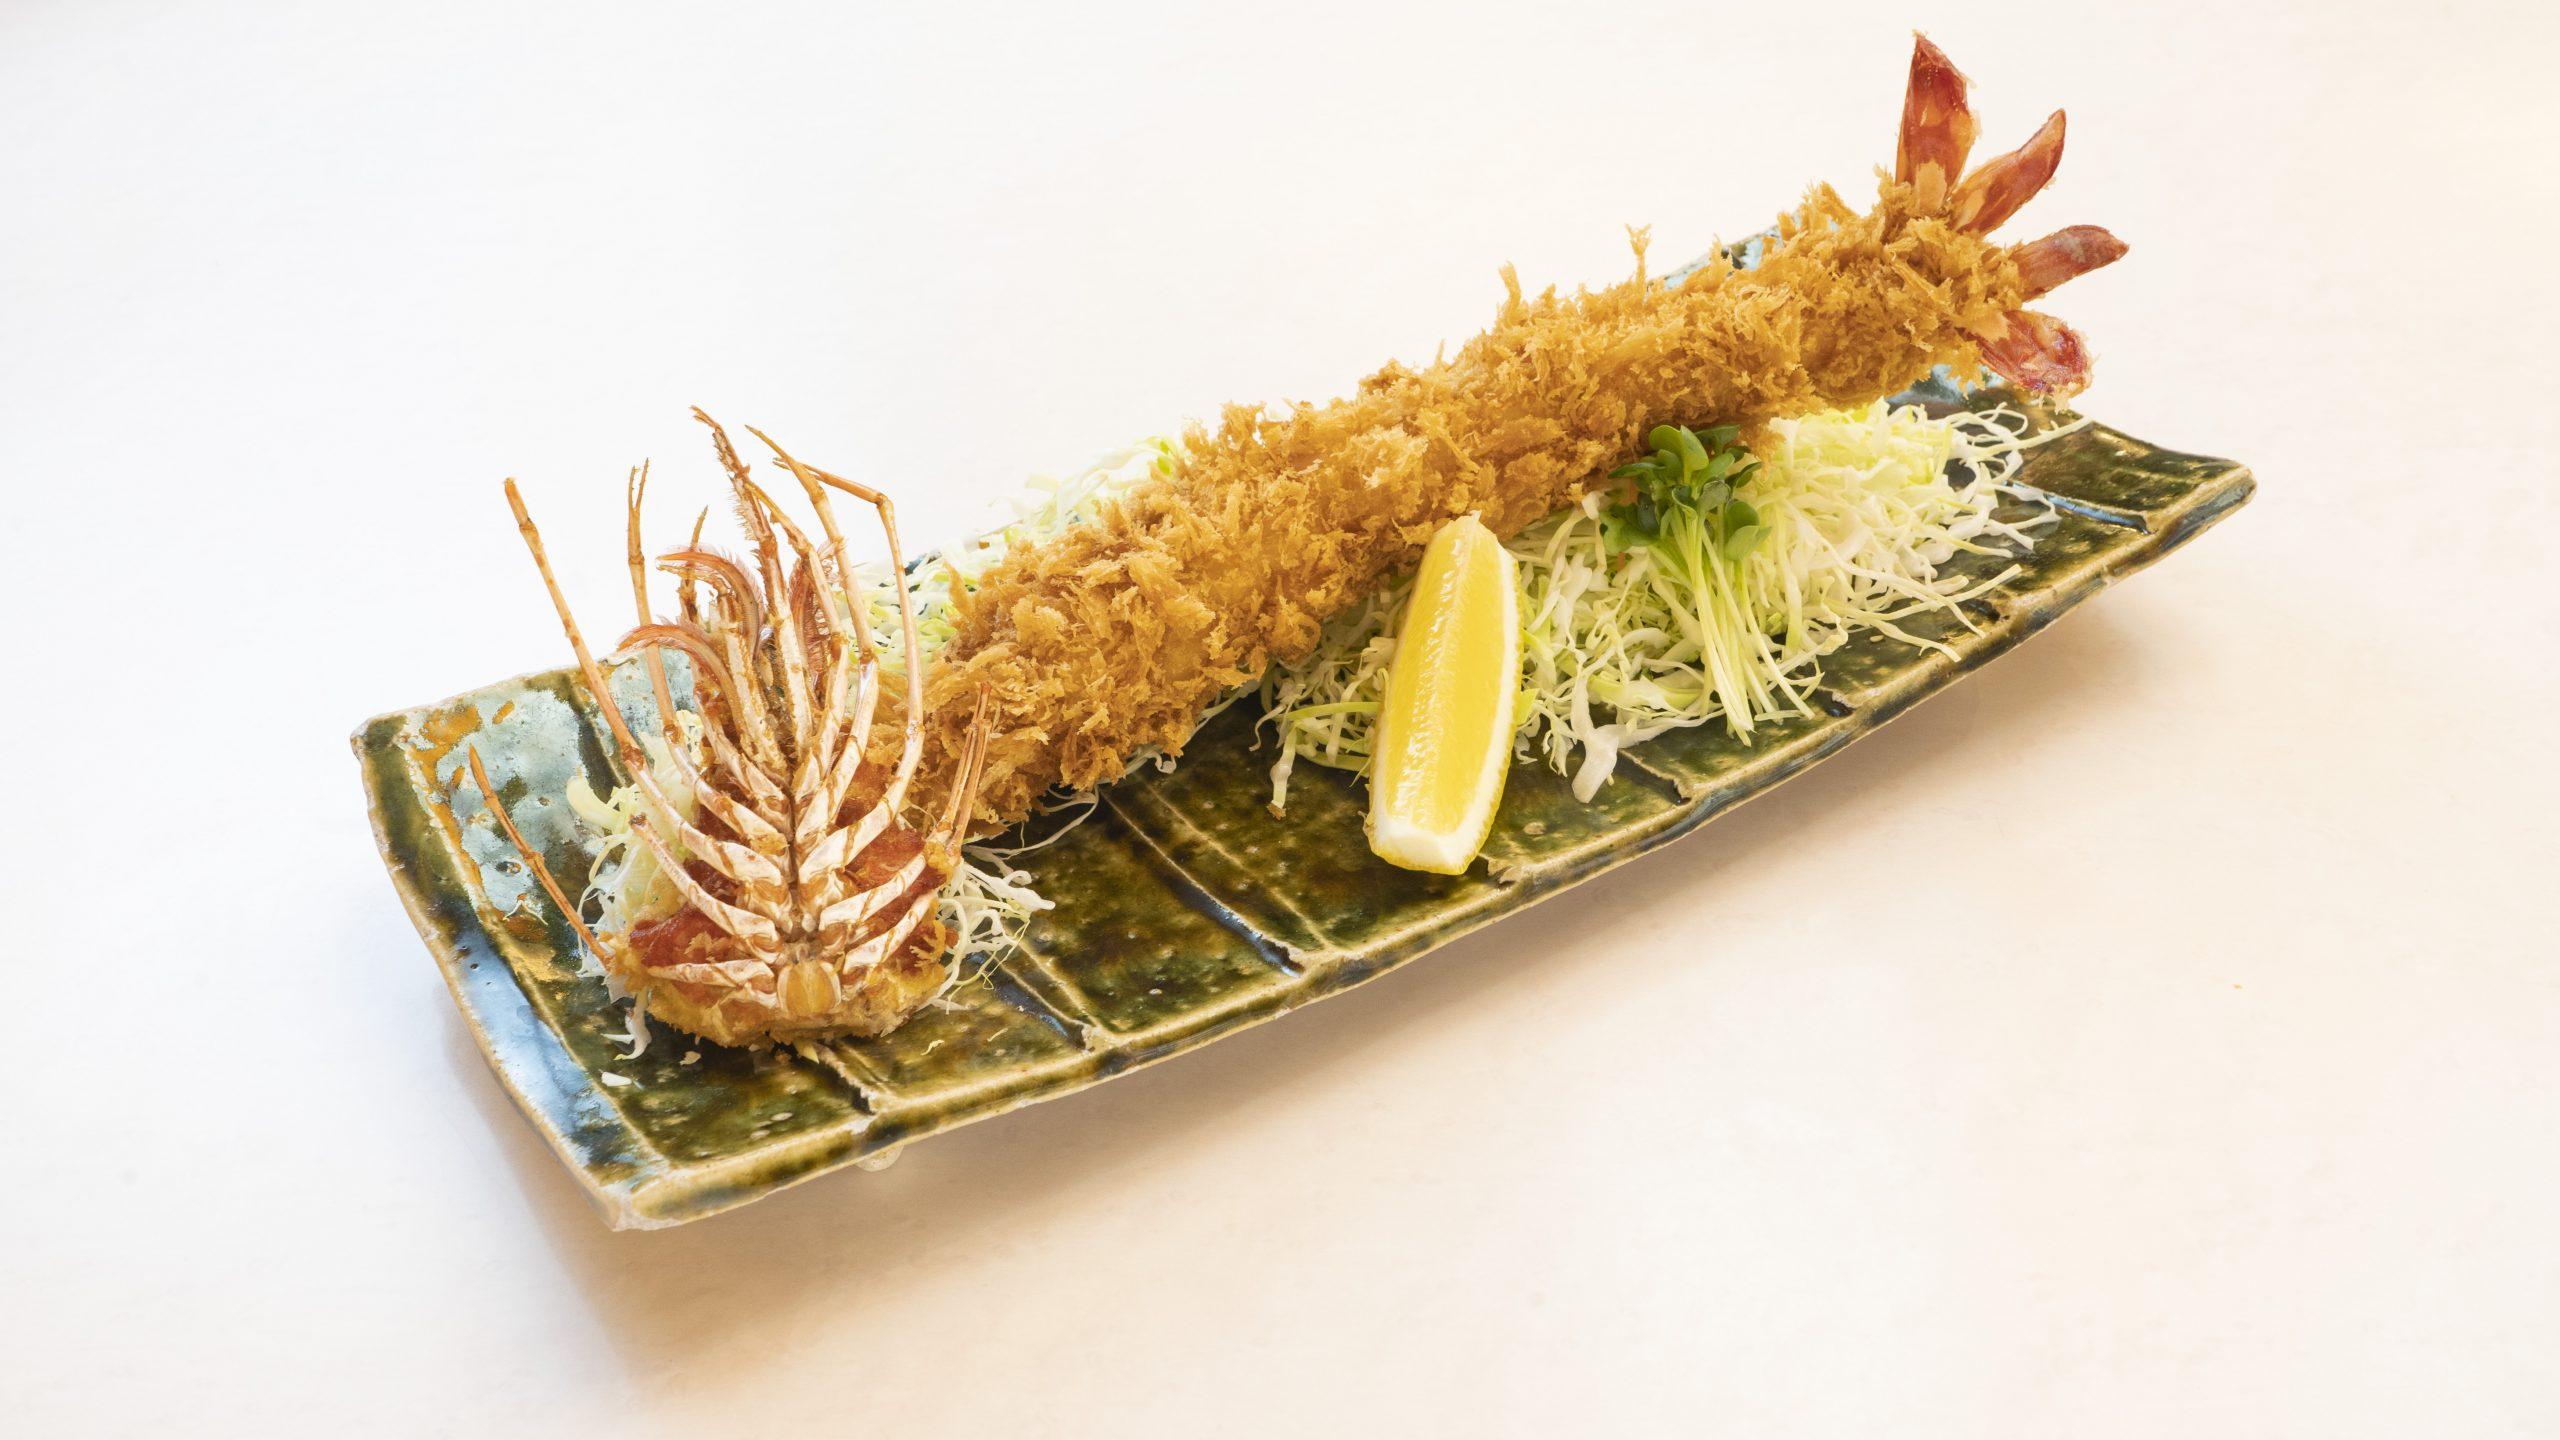 ジャンボエビフライ定食(1本)